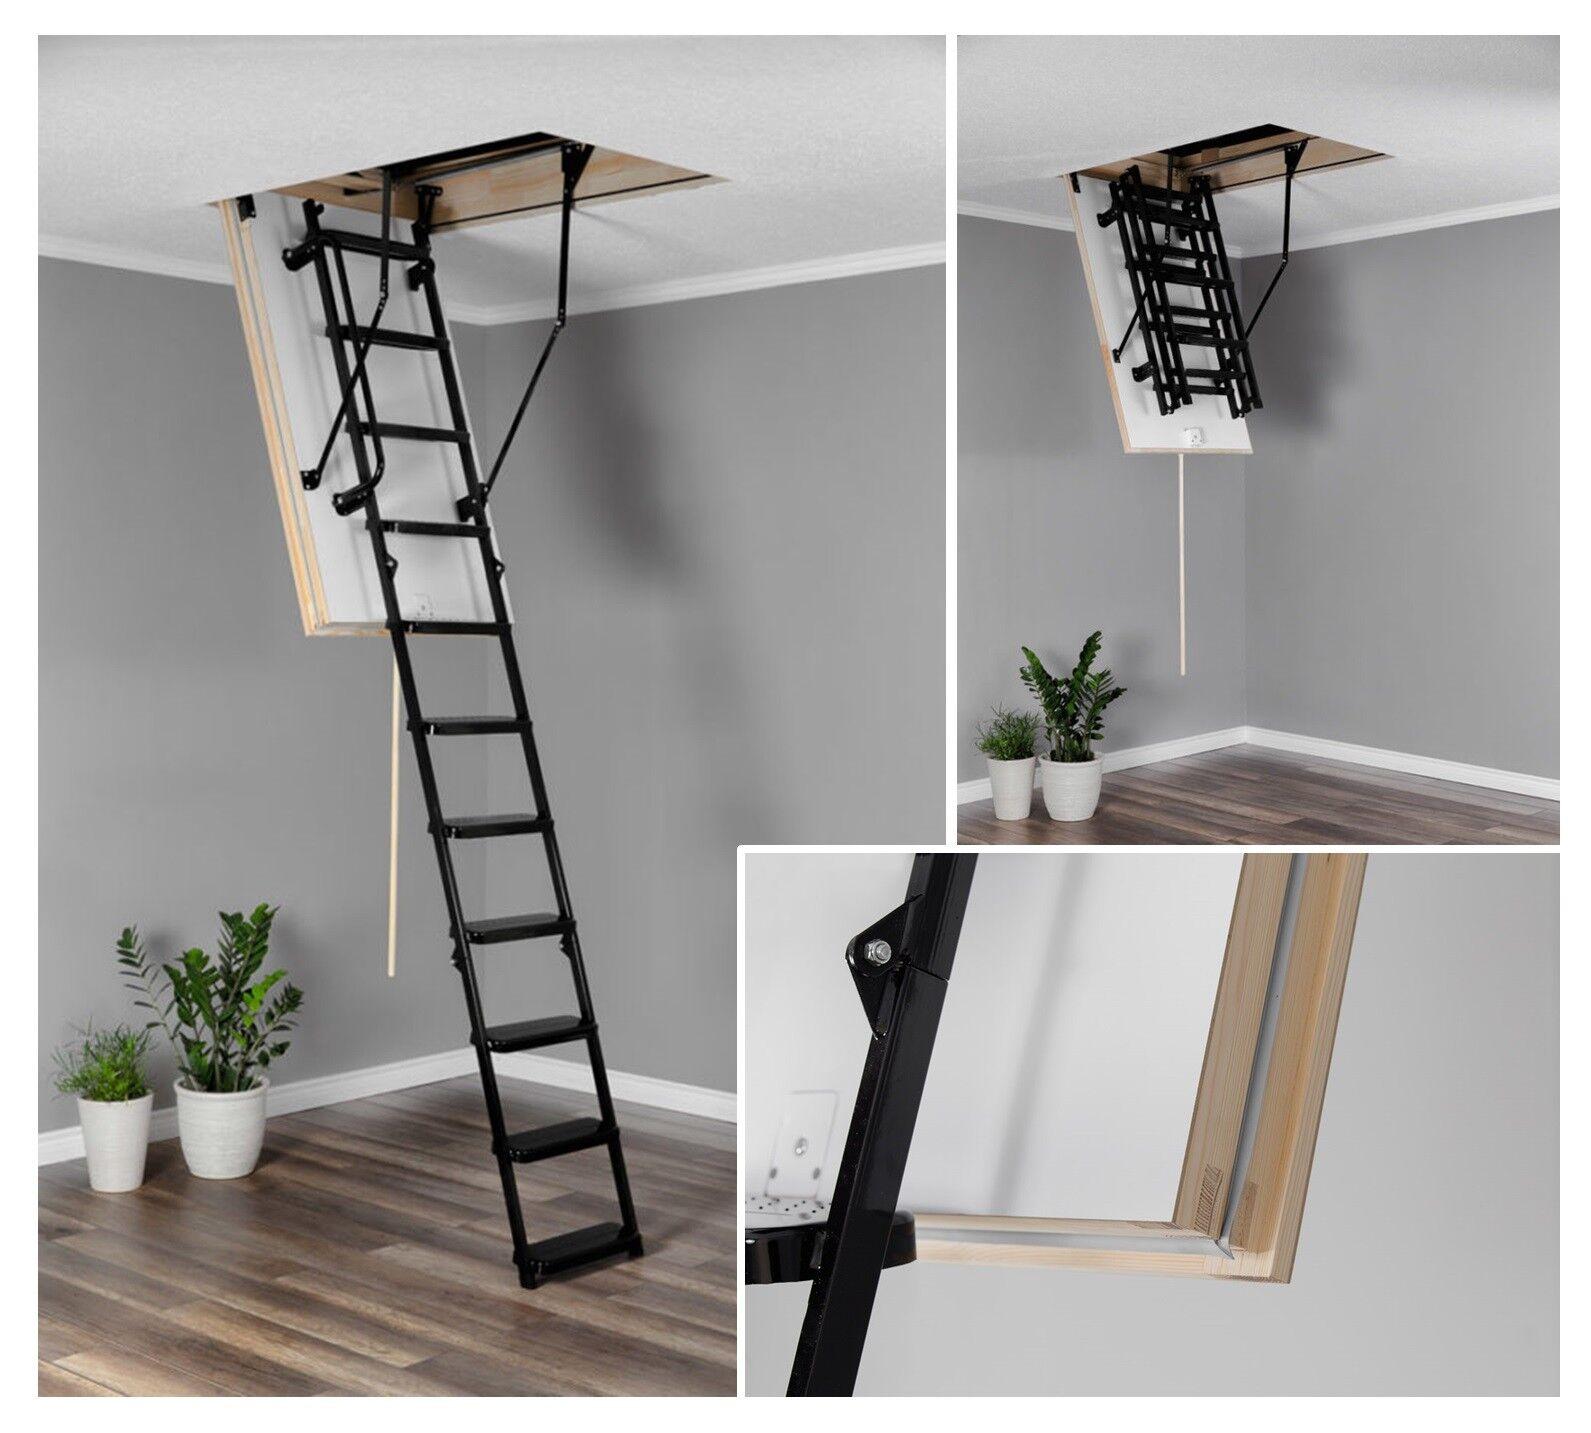 Bodentreppe OMAN SOLID Belastung von 210kg H280 Dachbodentreppe mit Metallleiter